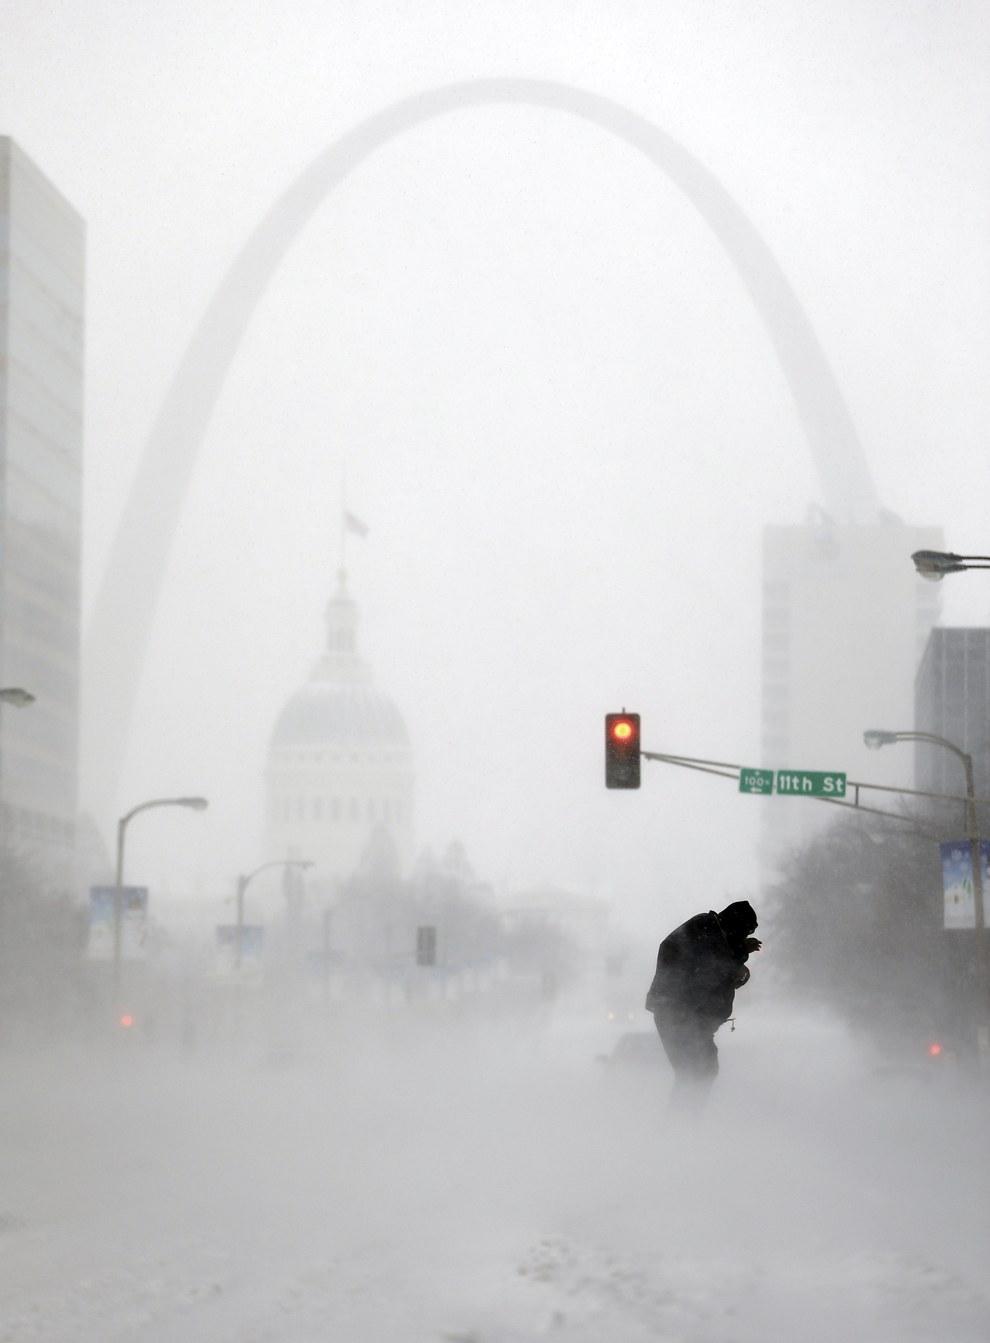 Мороз и метель в Сент-Луис, штат Миссури